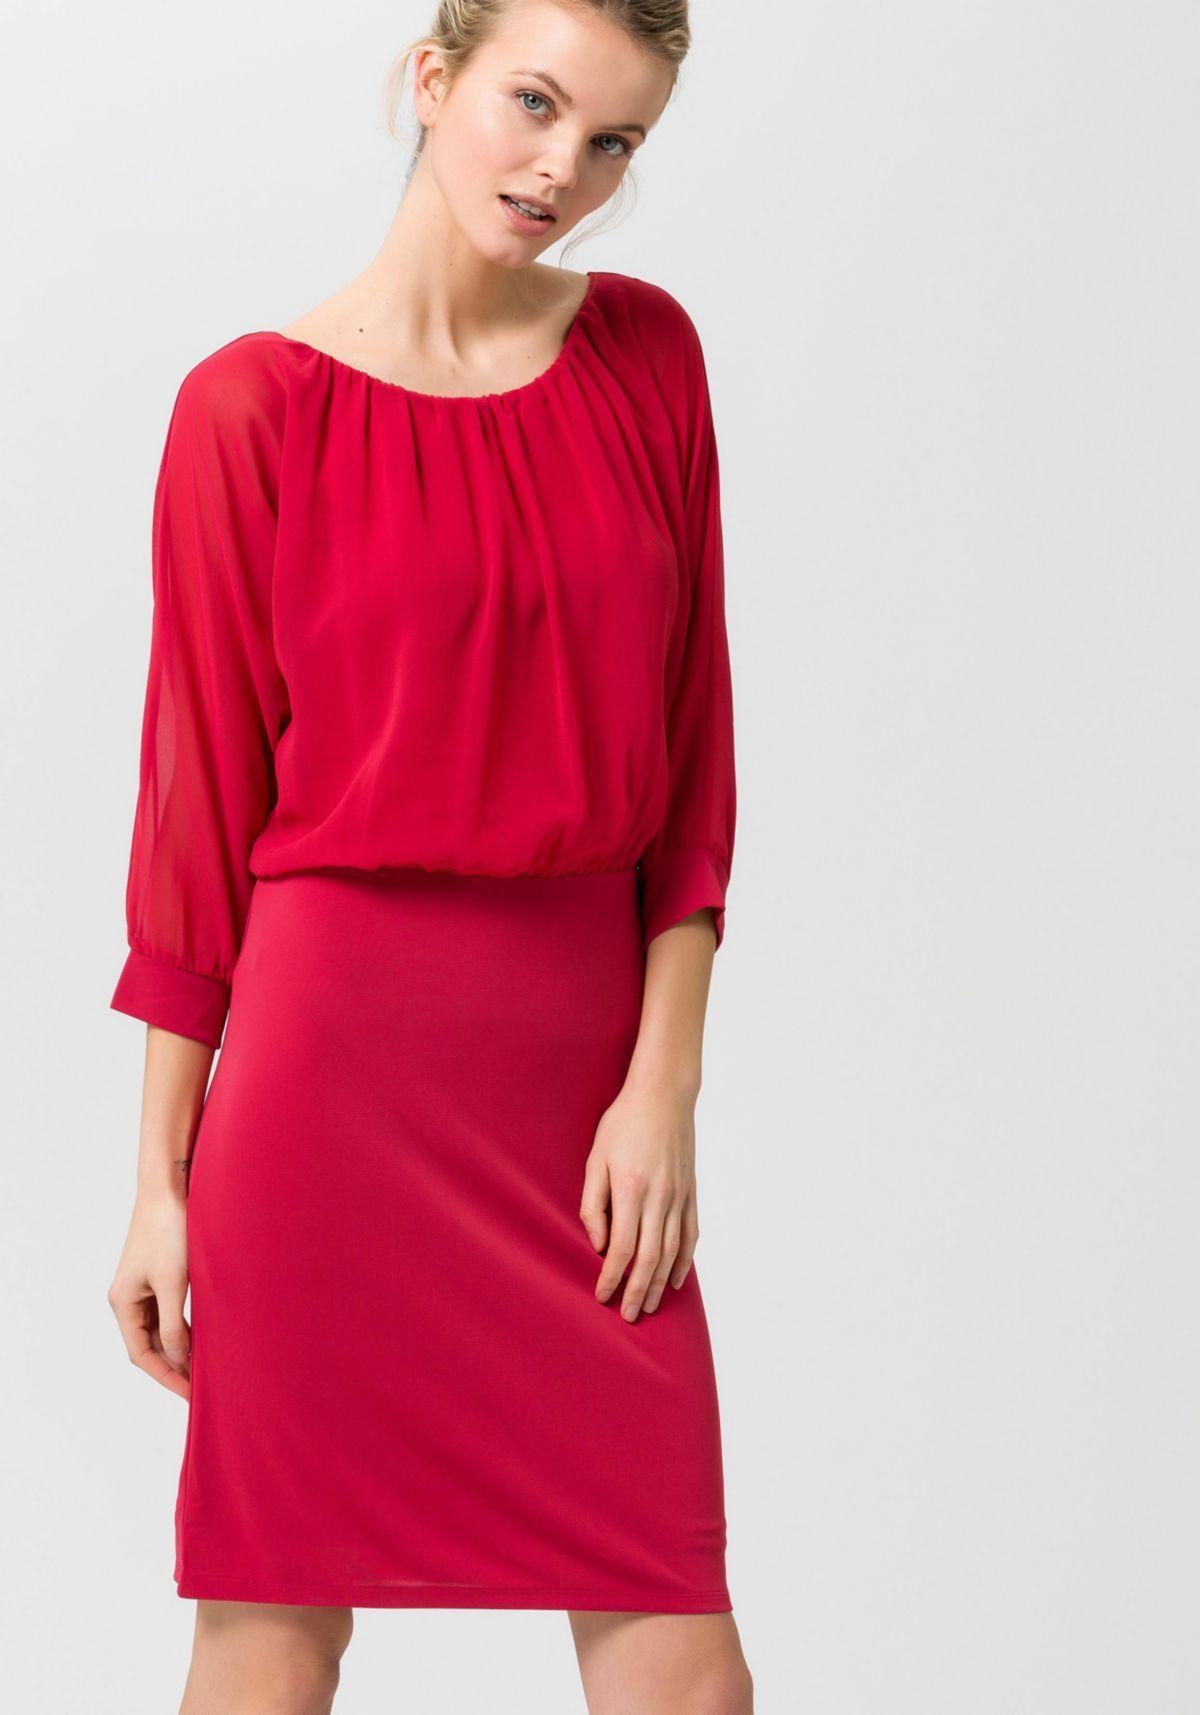 Esprit Collection 155-in-15-Kleid  Fashion, Dresses, Cold shoulder dress